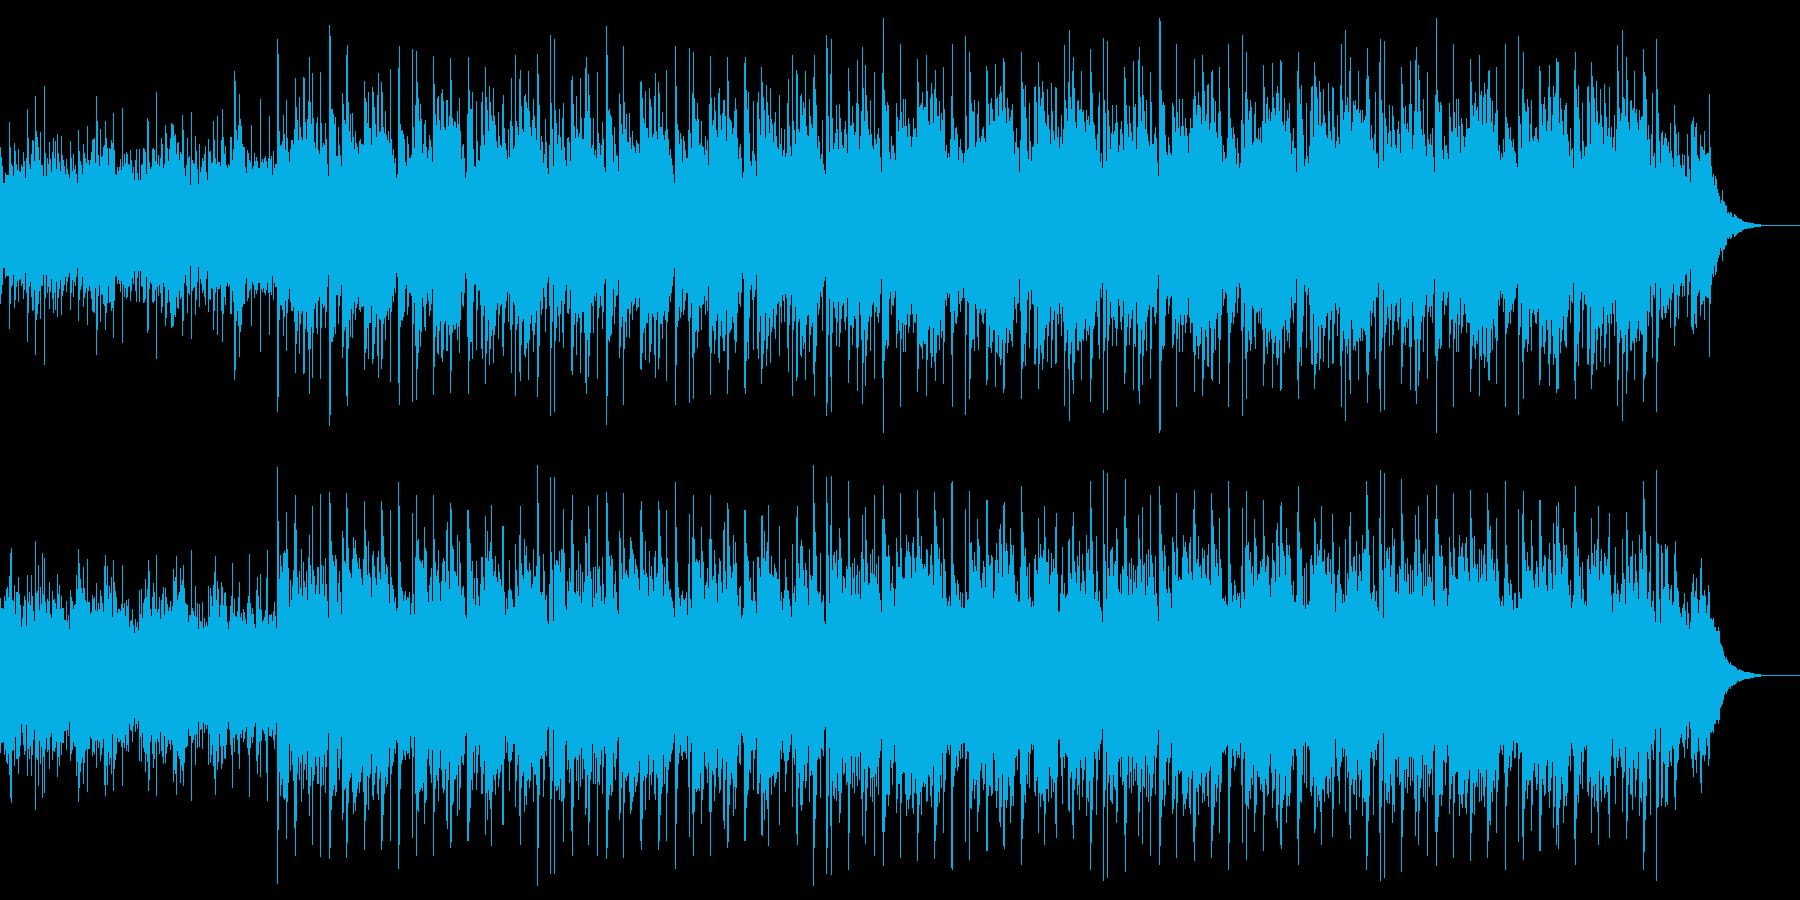 おだやかなサウンドの再生済みの波形